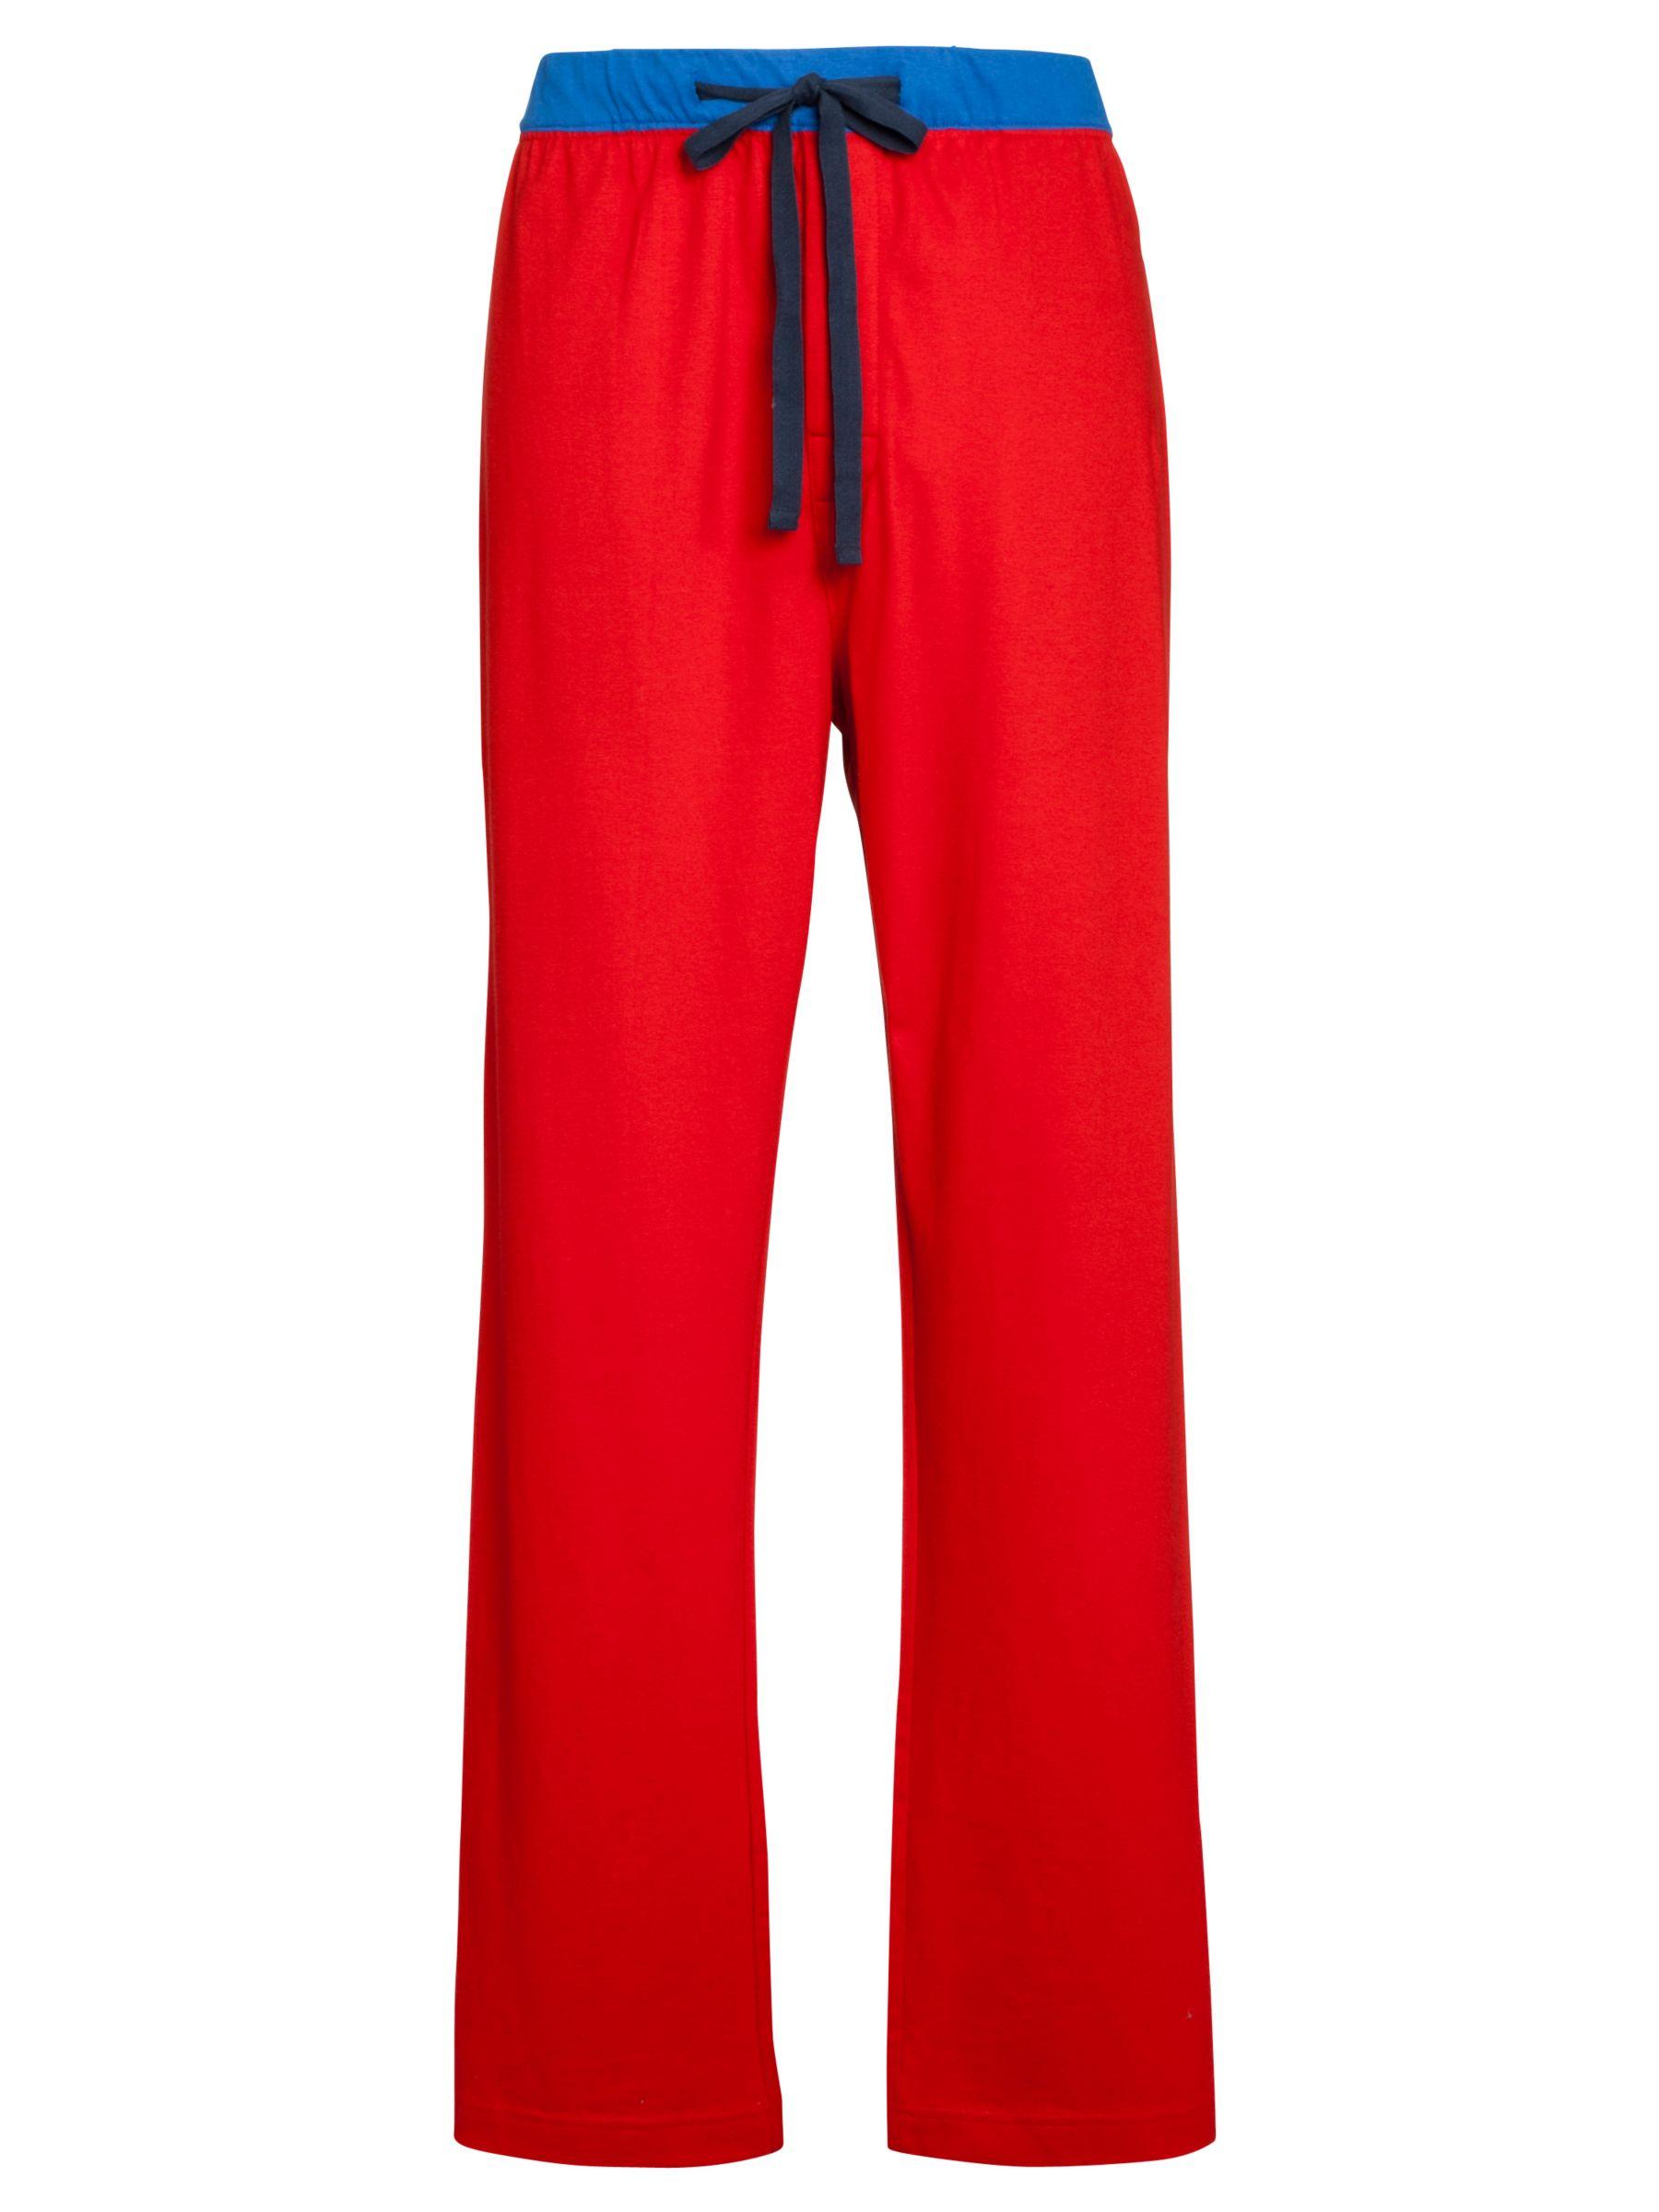 John Lewis Jersey Pyjama Pants